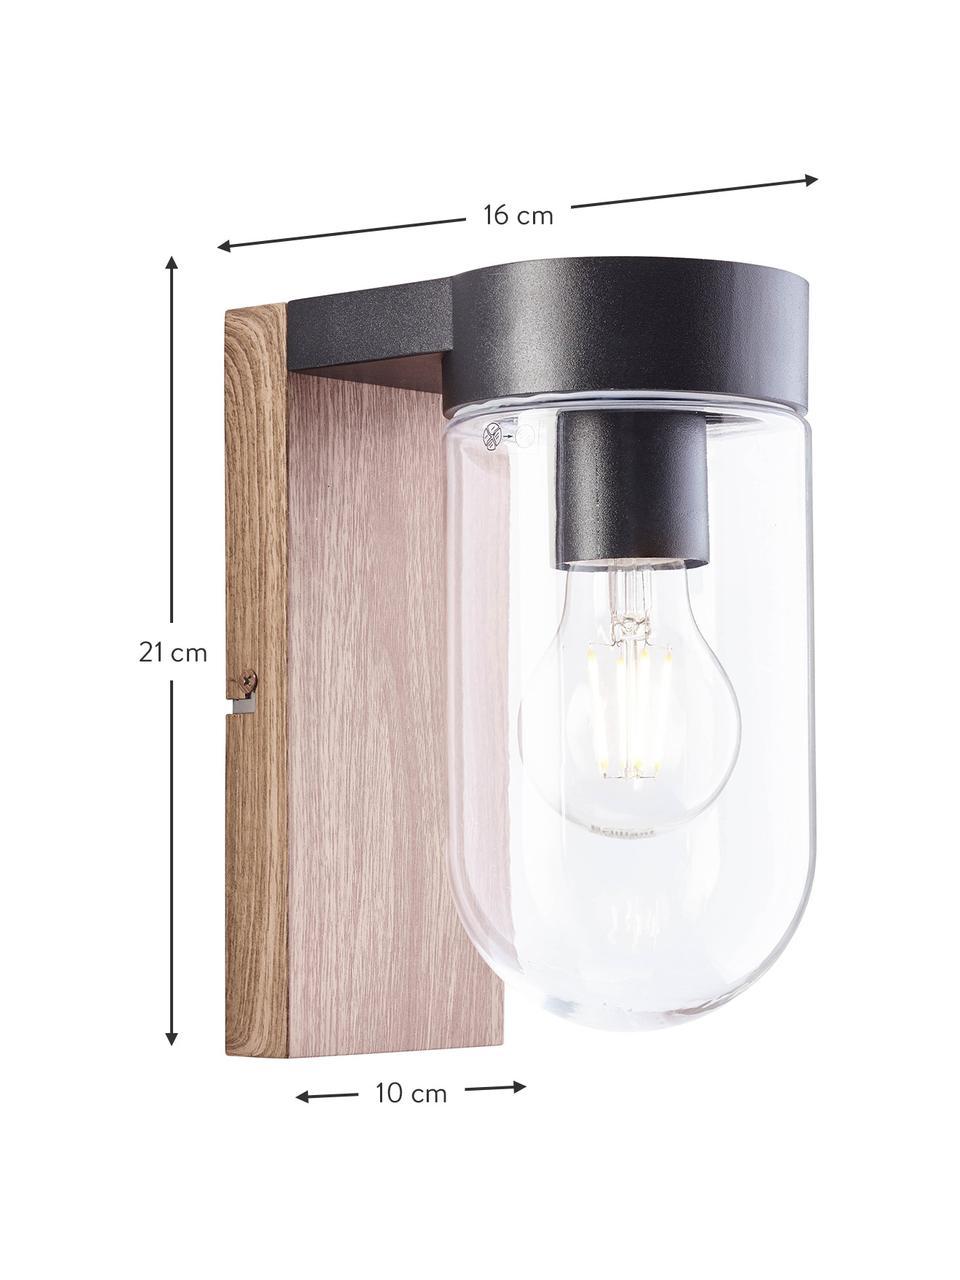 Applique da esterno aspetto legno e vetro Cabar, Paralume: vetro, Struttura: metallo rivestito, Marrone, nero, trasparente, Larg. 10 x Alt. 21 cm